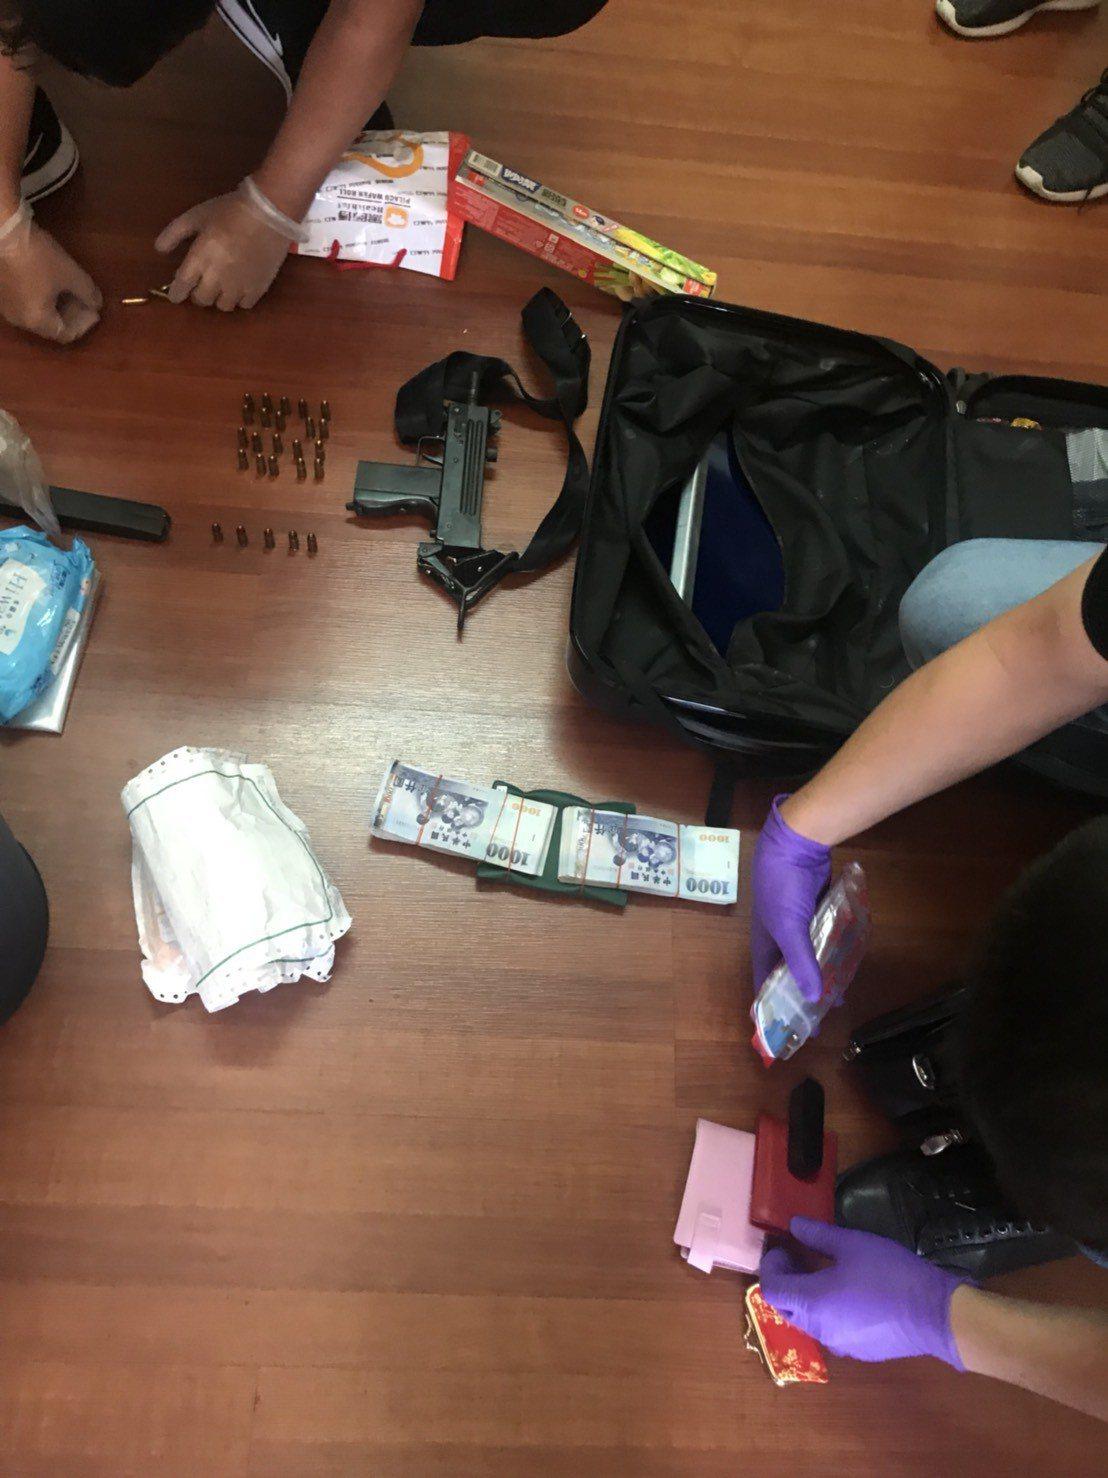 沙鹿合庫搶匪44歲歐嫌上午在屏東落網,現場從背包中起出部分現金及烏茲衝鋒槍一支。...